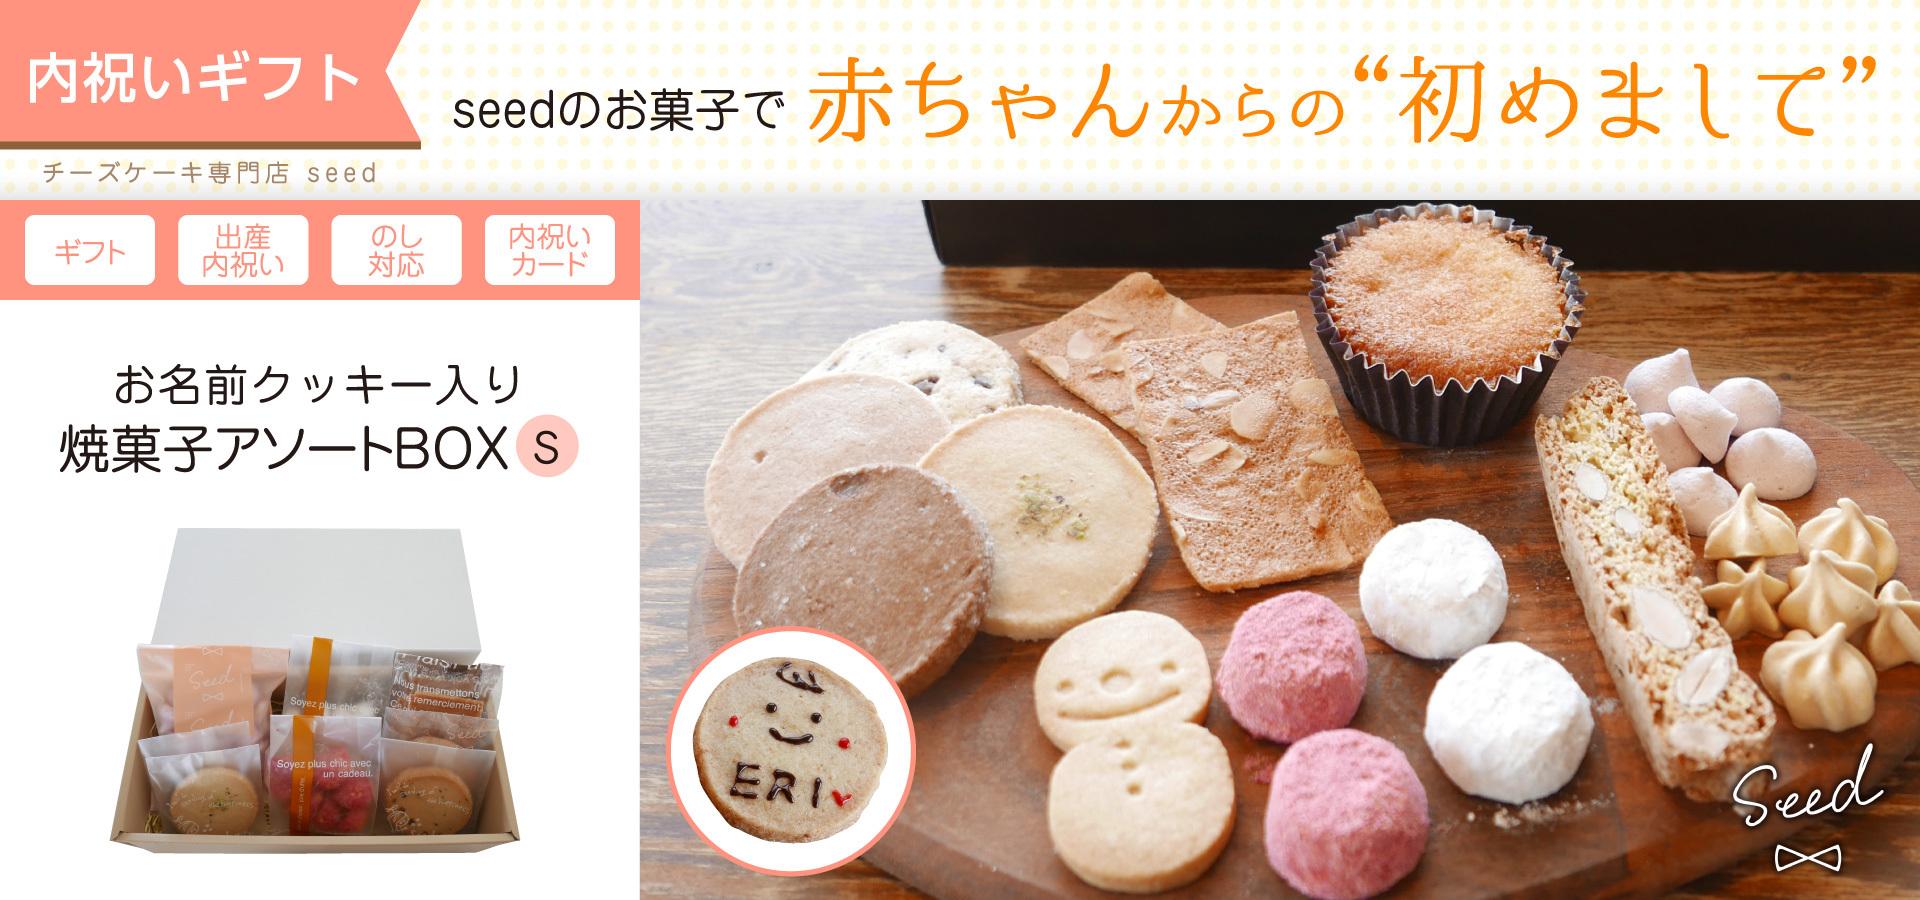 【内祝い】お名前クッキー入り 焼菓子アソートBOX(S)